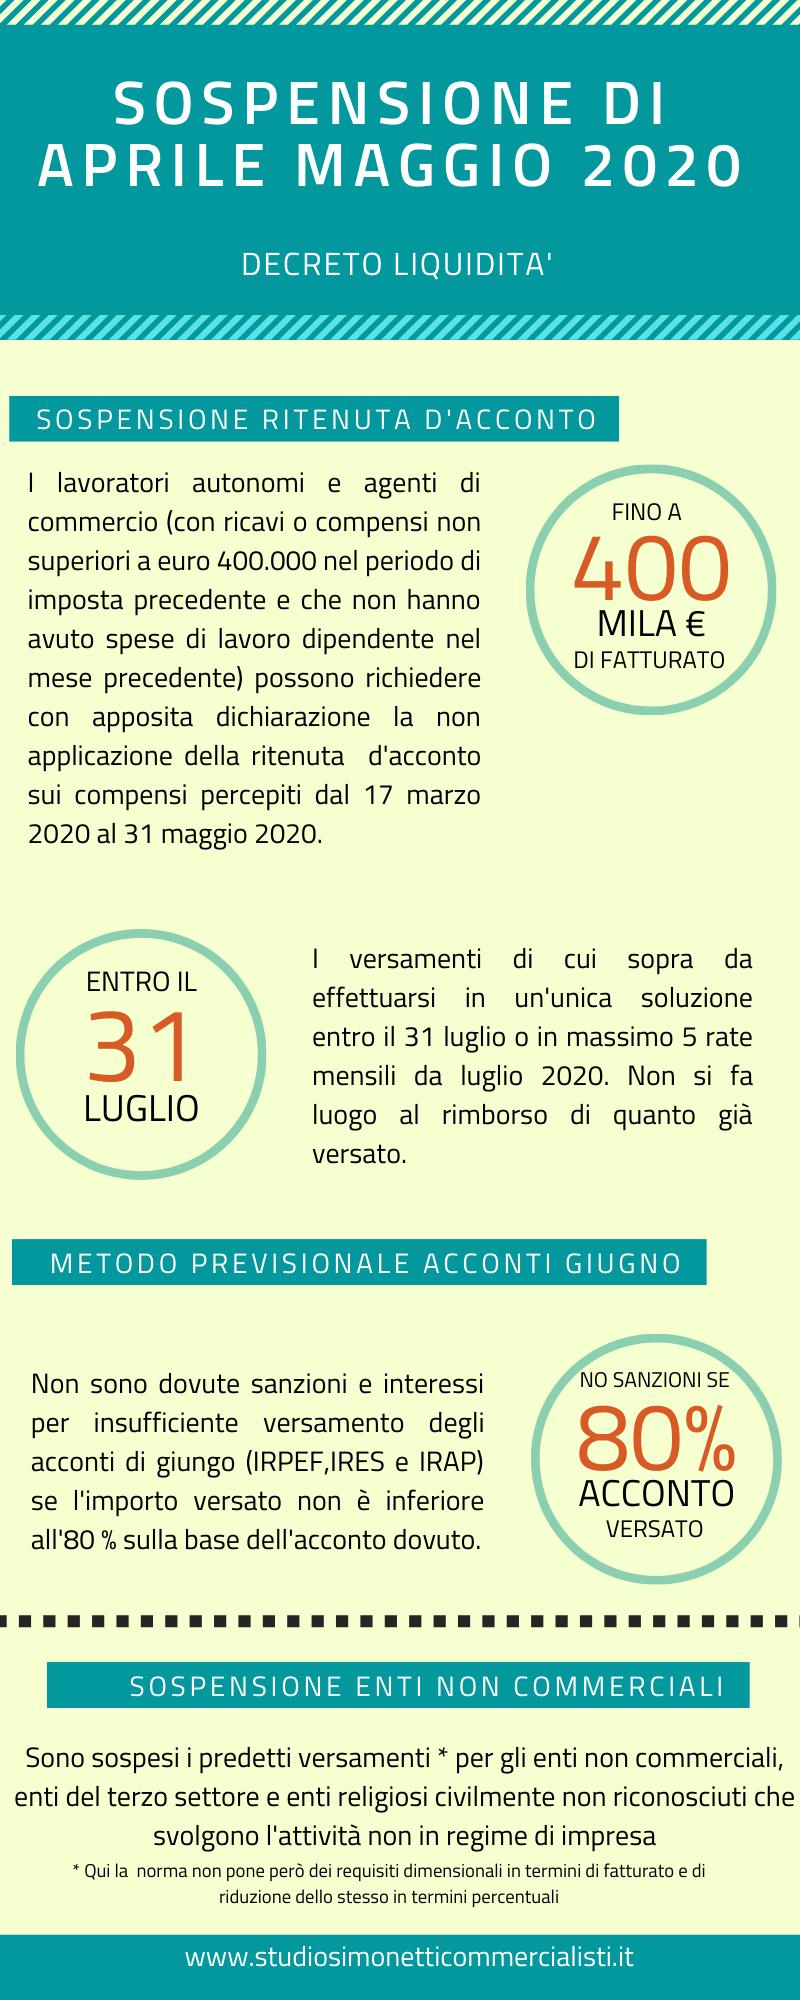 Le novità fiscali del Decreto-legge liquidità per i mesi di aprile e maggio 2020